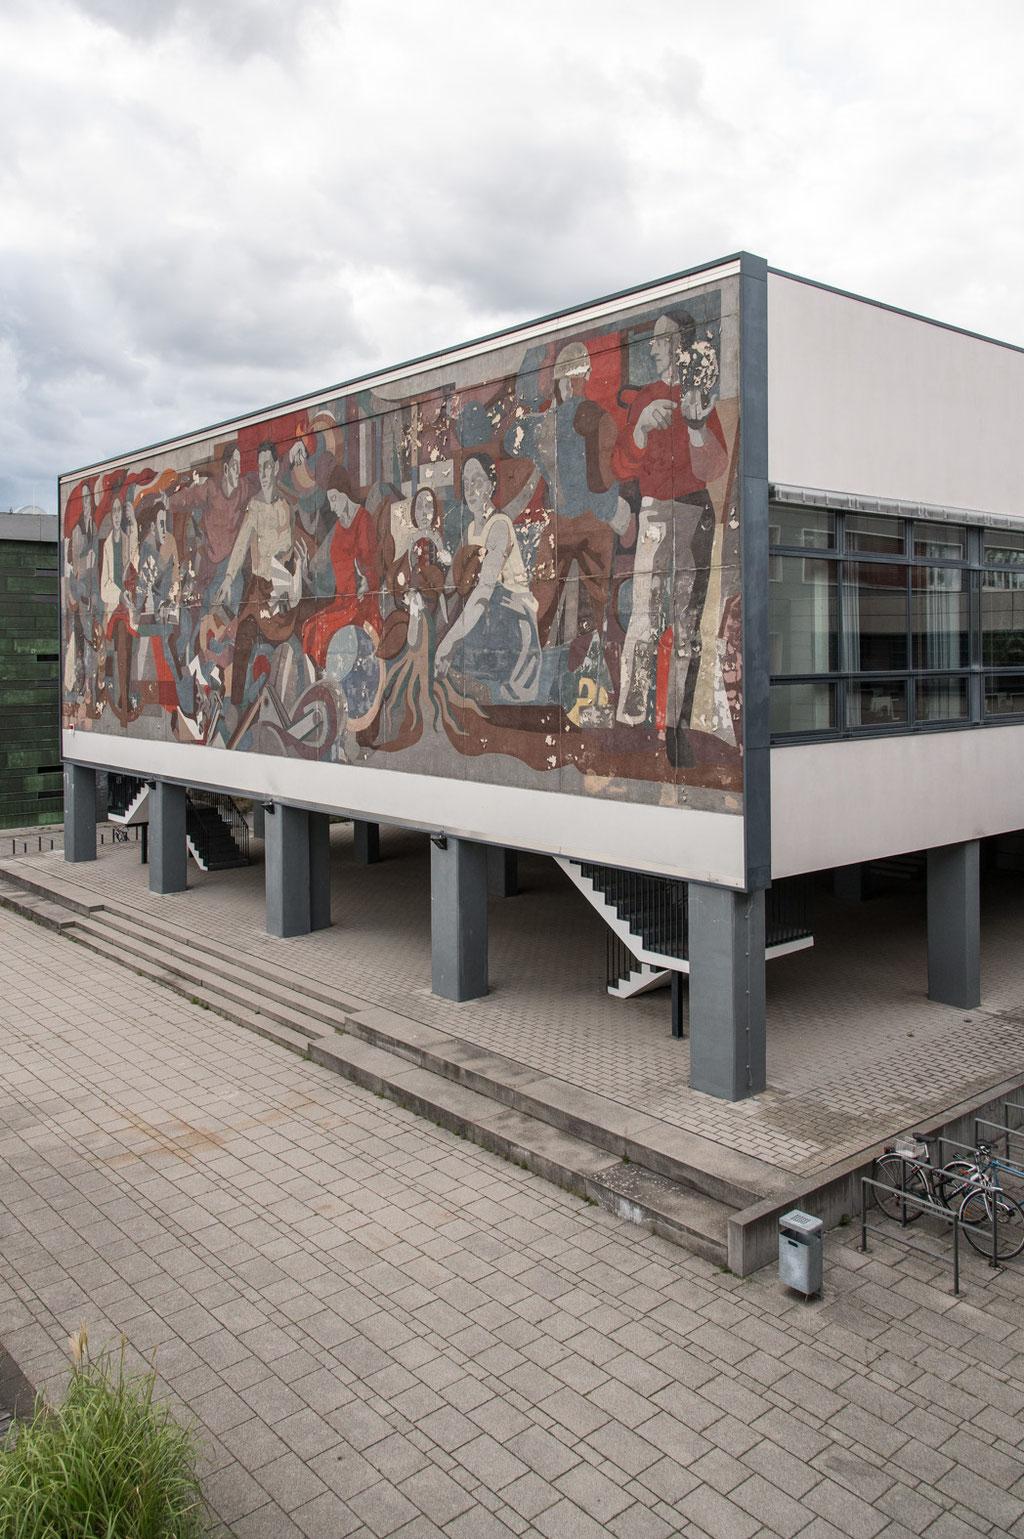 Lehrgebäude der Brandenburgischen Technischen Universität (Bruno Klemm), Glaskröselfassade (Gerhard Bondzin), Cottbus (D)